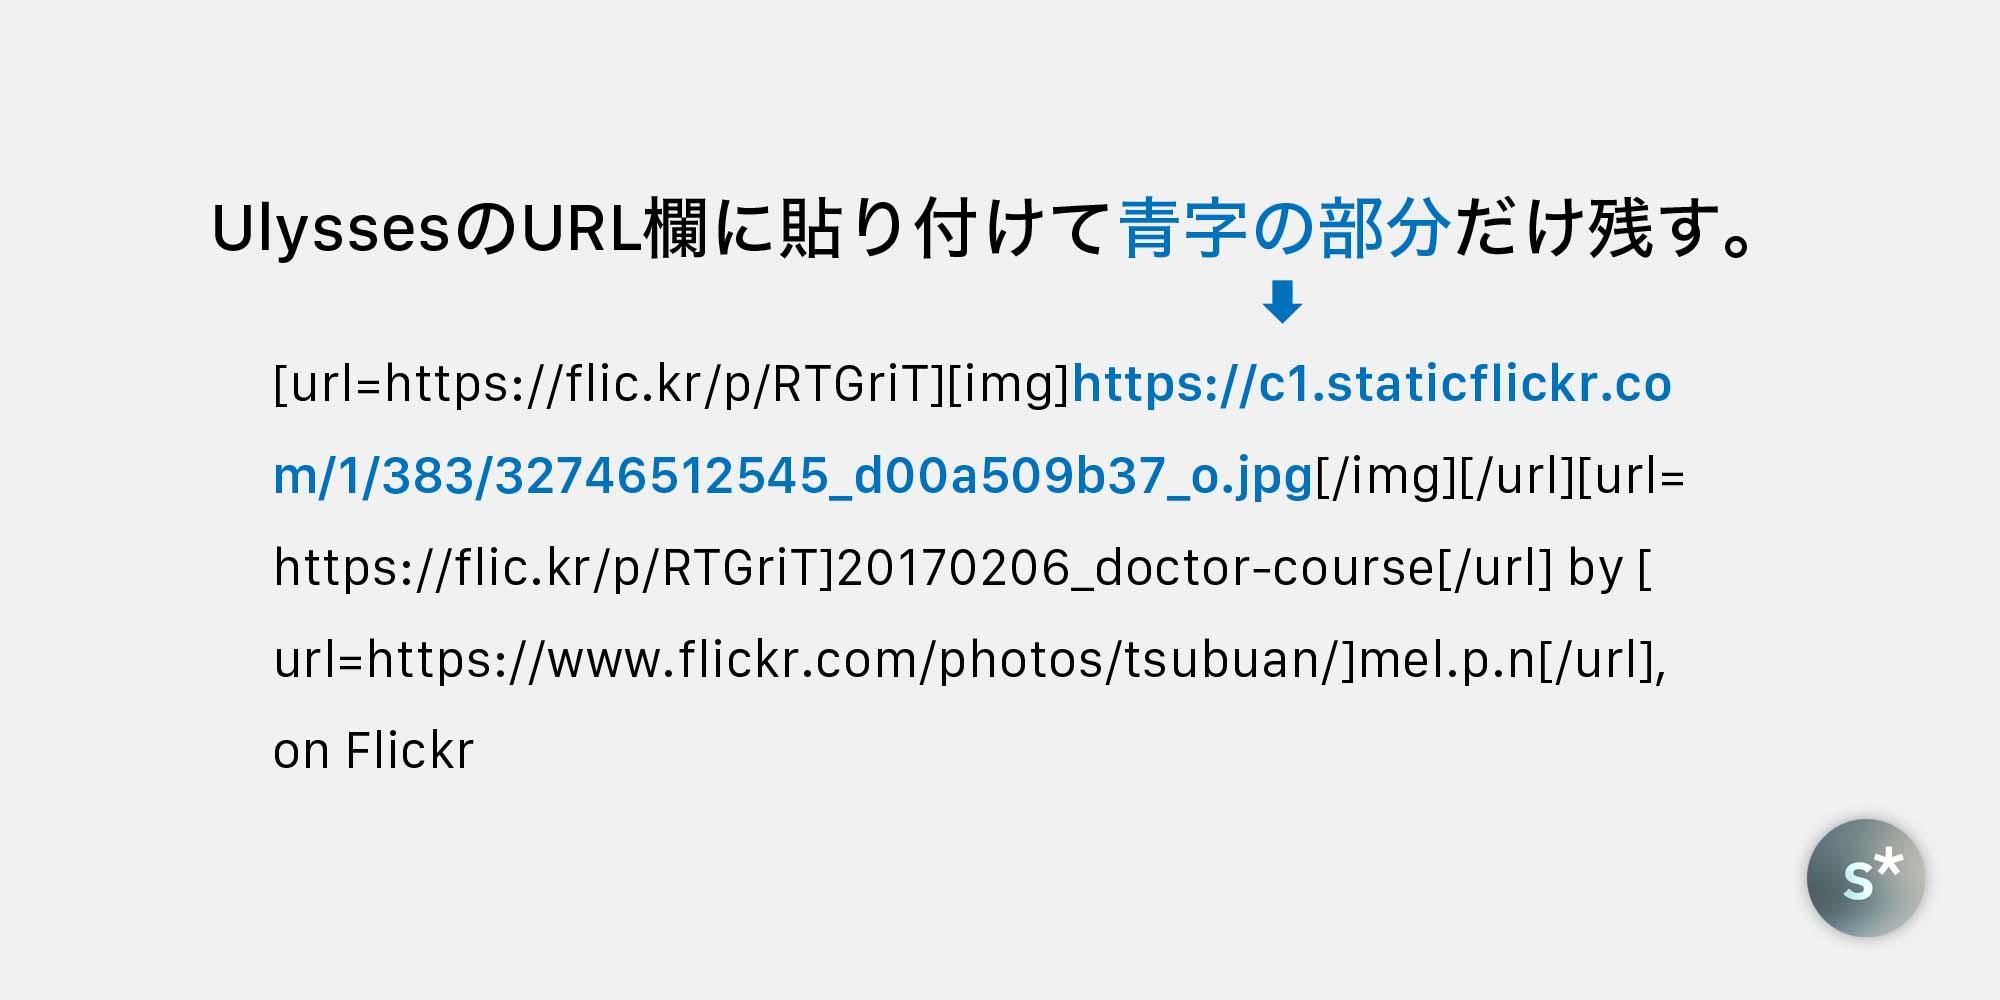 flickr-url